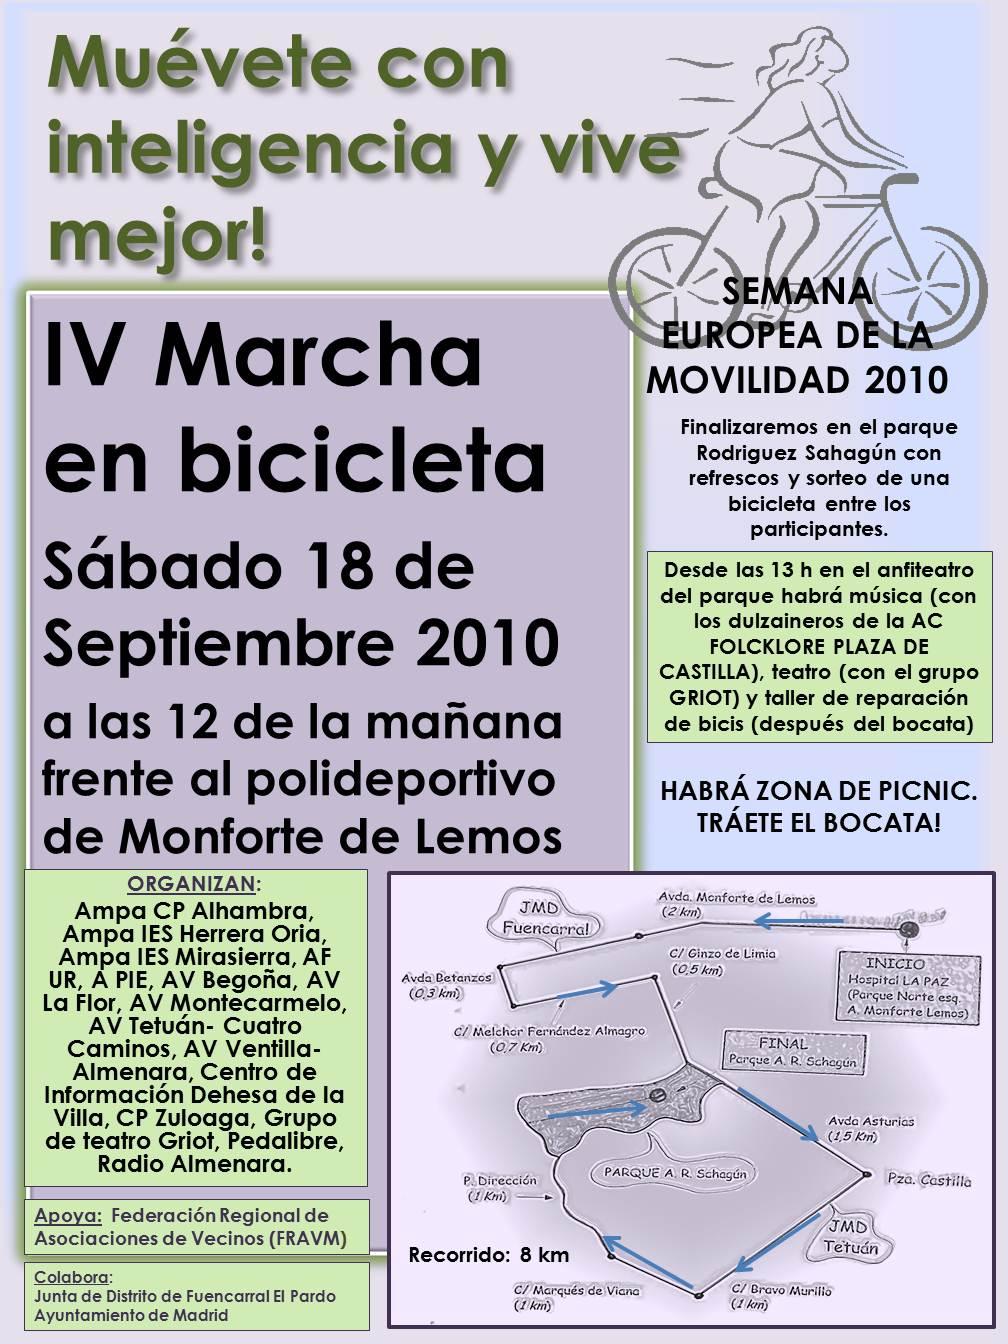 MUÉVETE CON INTELIGENCIA Y VIVE MEJOR es el lema de la IV Marcha Ciclista que tendrá lugar el próximo sábado 18 de septiembre en el marco de la Semana Europea […]